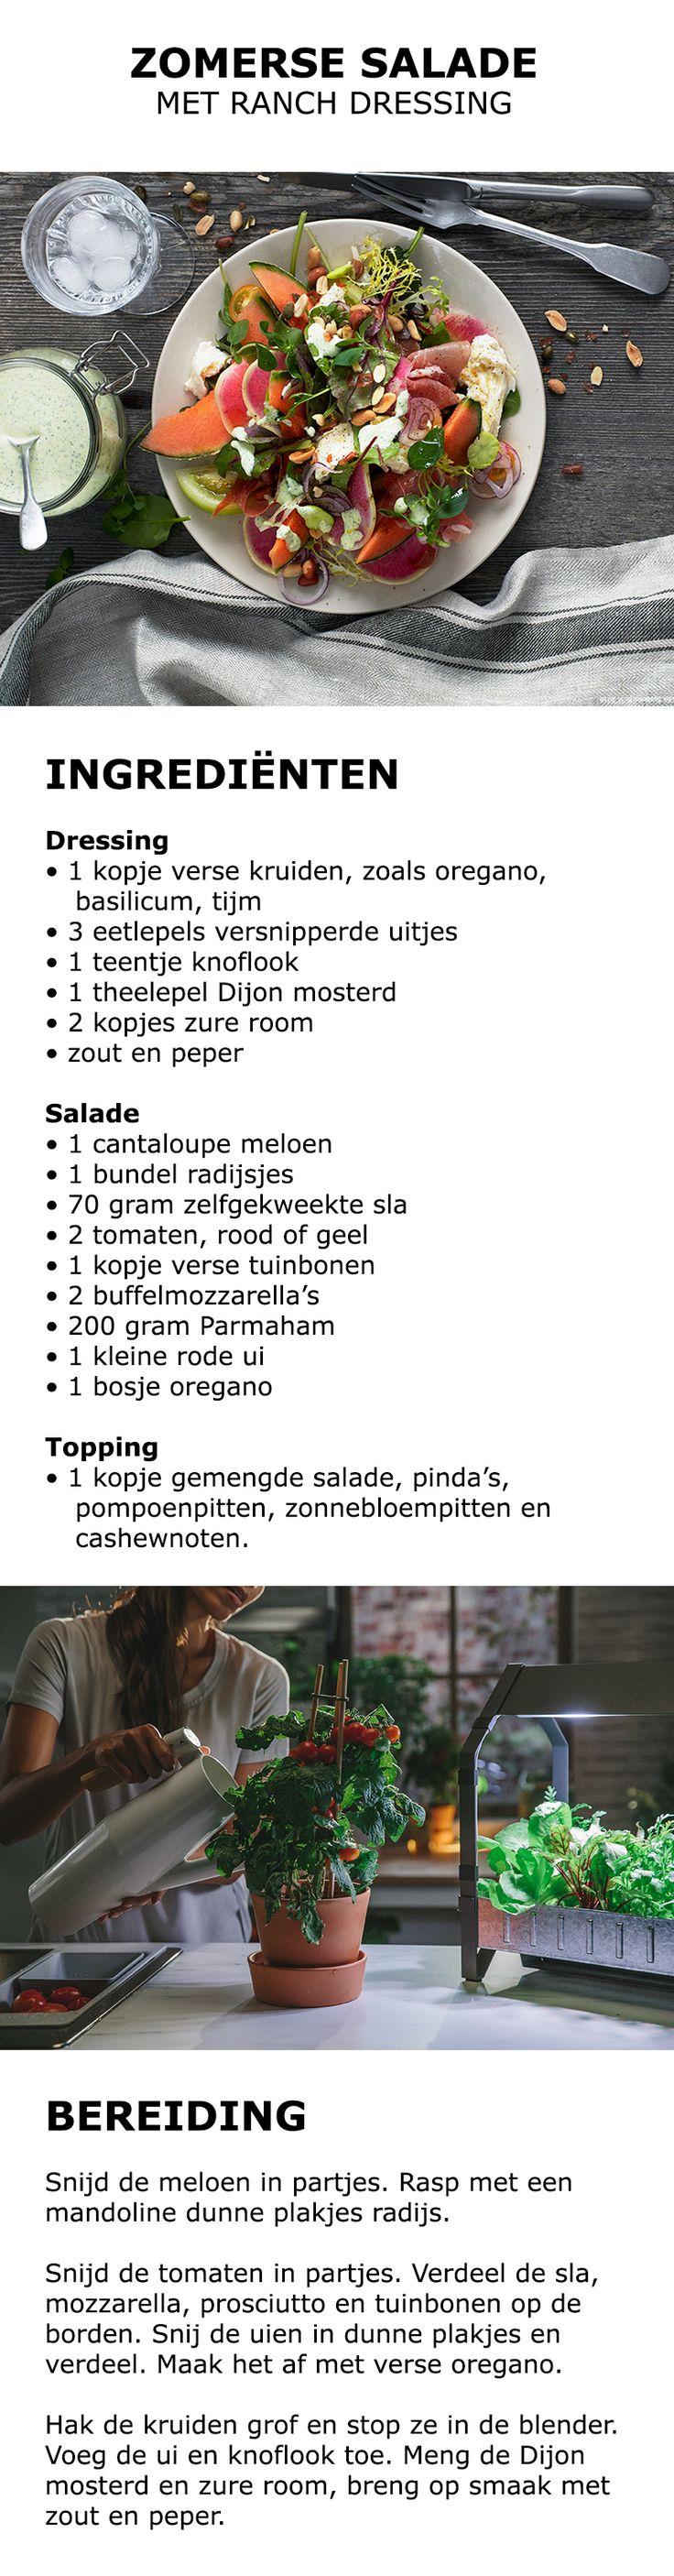 Inspiratie voor de thuiskweker - Zomerse salade met ranch dressing | #IKEA…